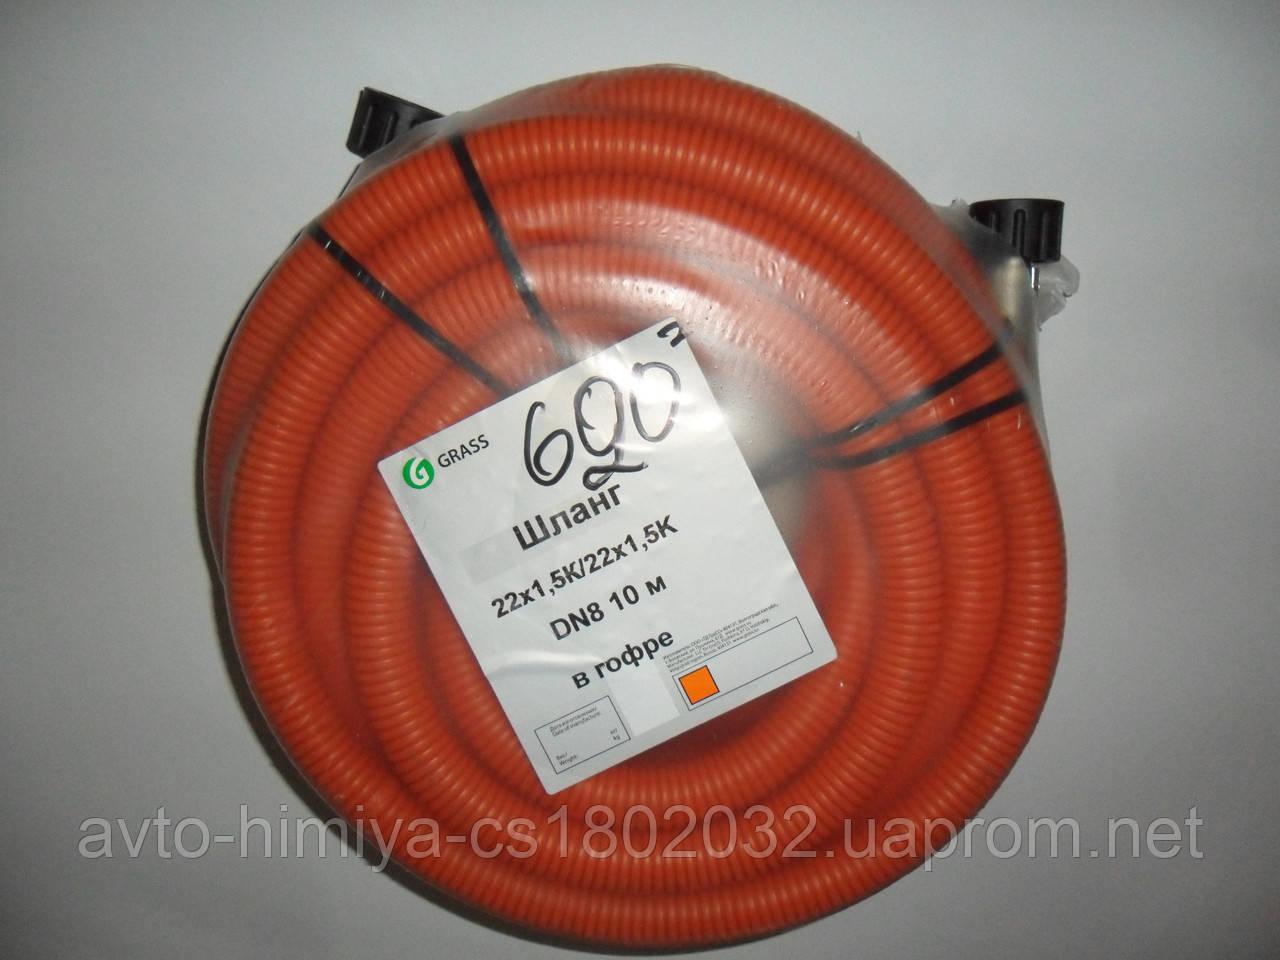 Шланг высокого давления 22x1.5К/D11тип рукава DN8, длина 10м. 360 бар.